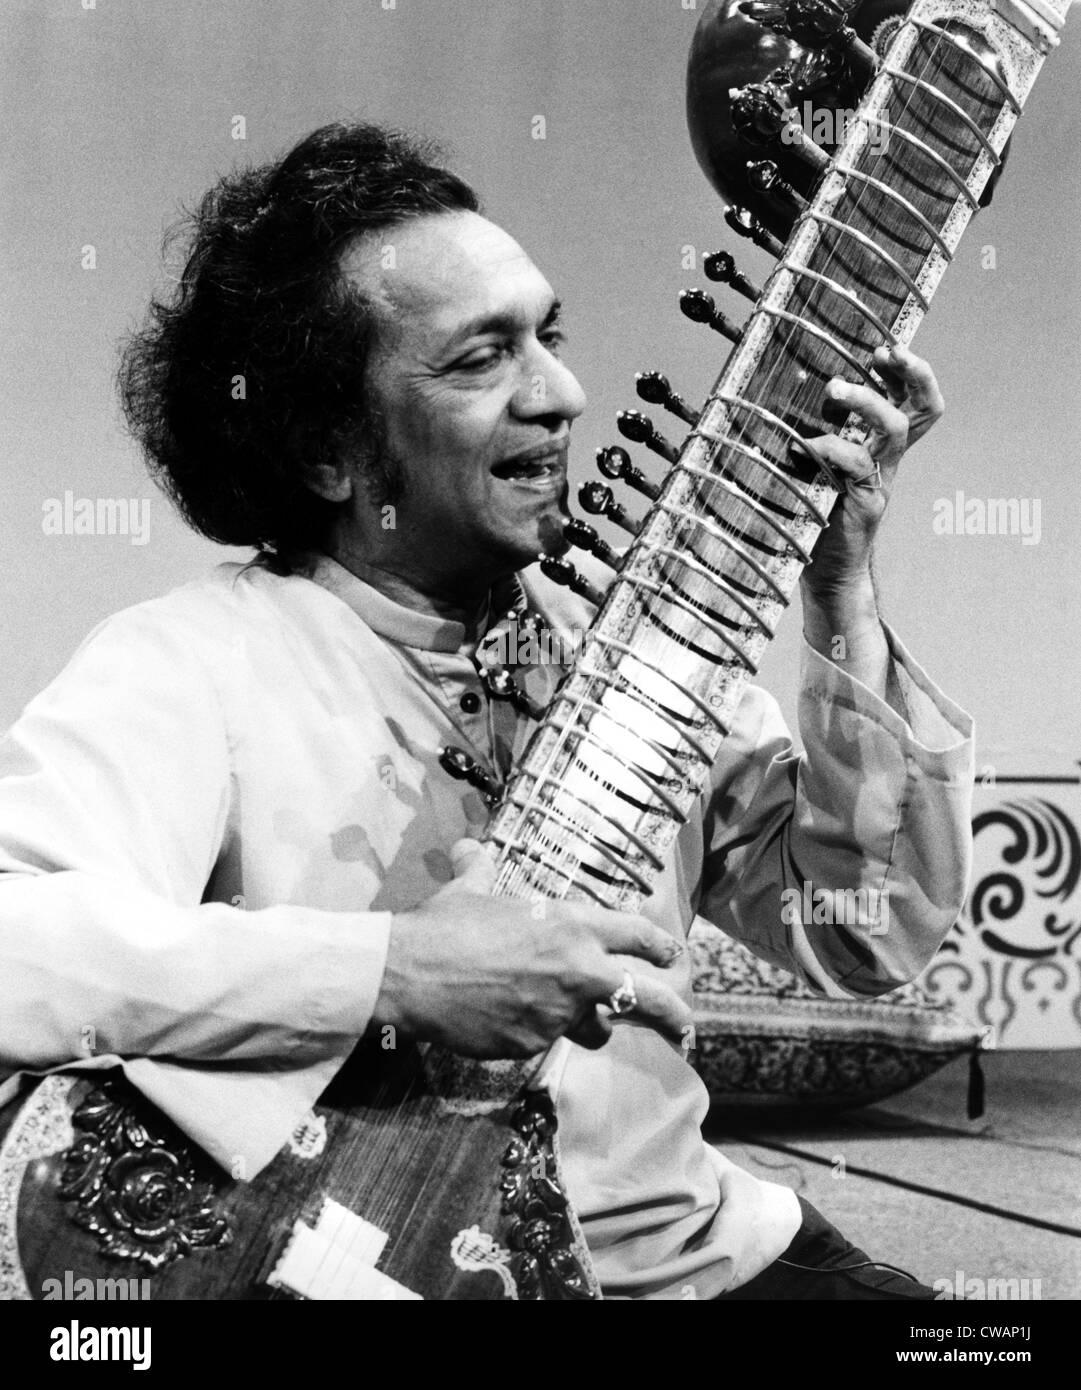 Ravi Shankar, musicien, compositeur, interprète et érudit, portrait, 1970. Avec la permission de la CSU: Archives Banque D'Images